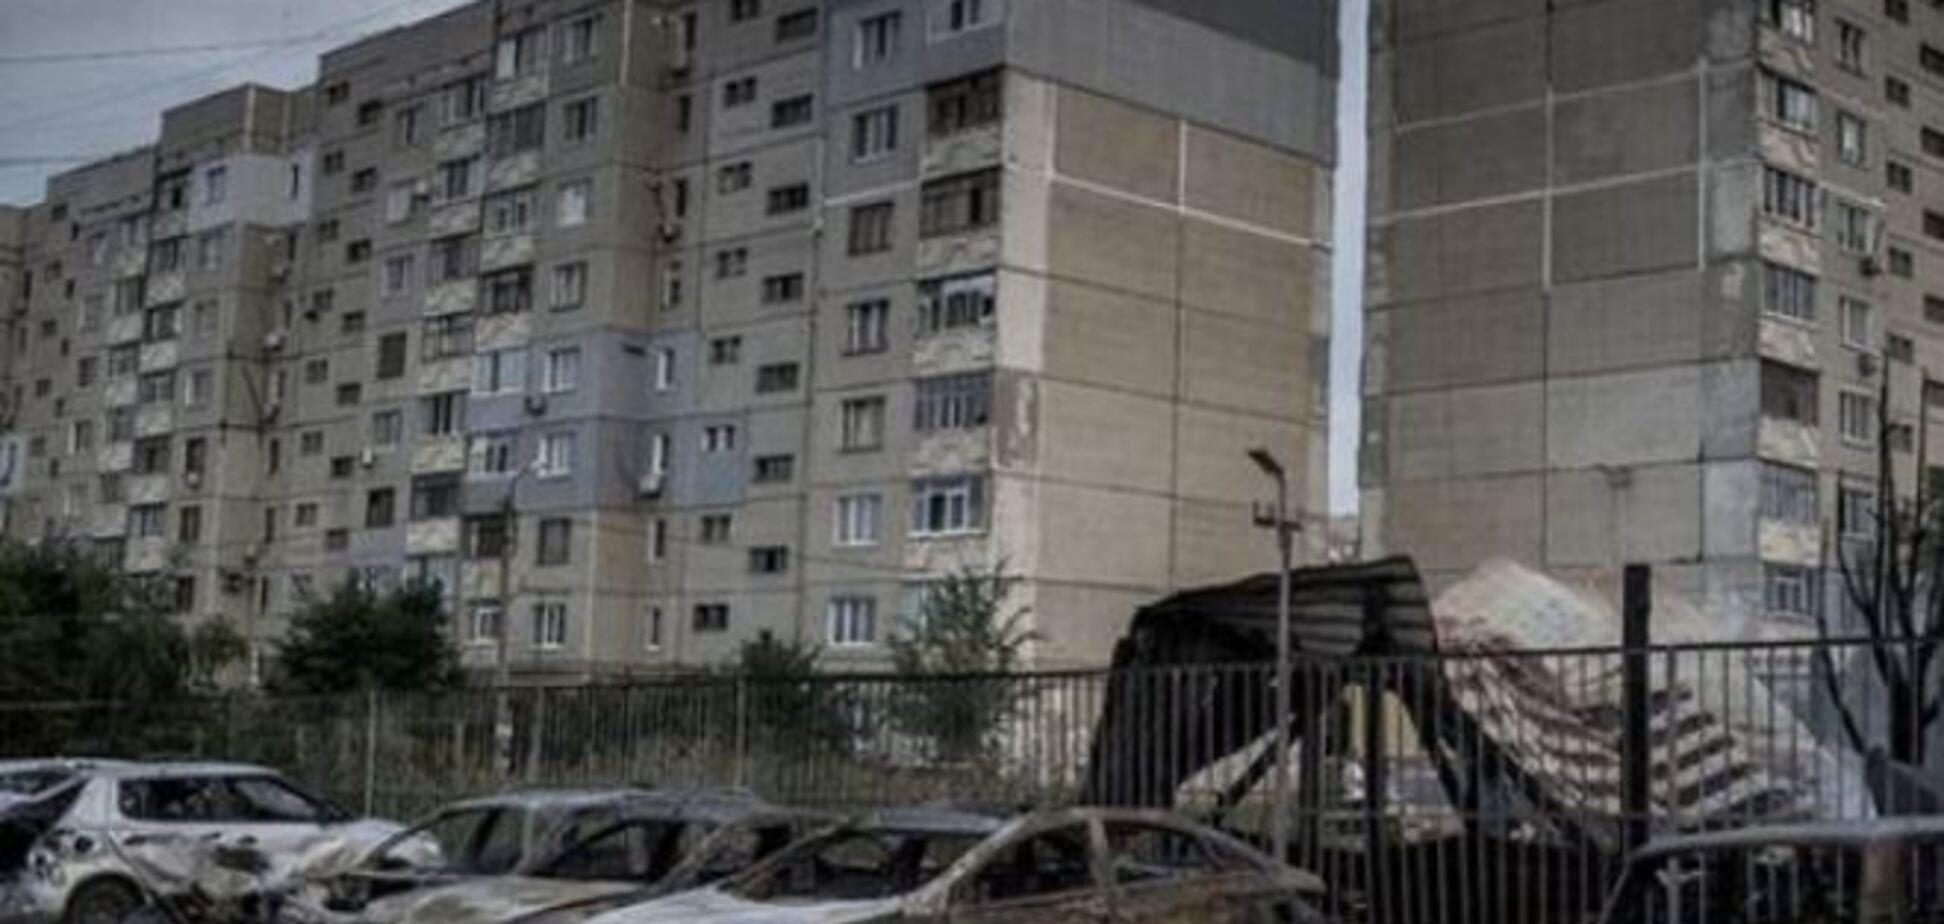 Сводка из Луганска